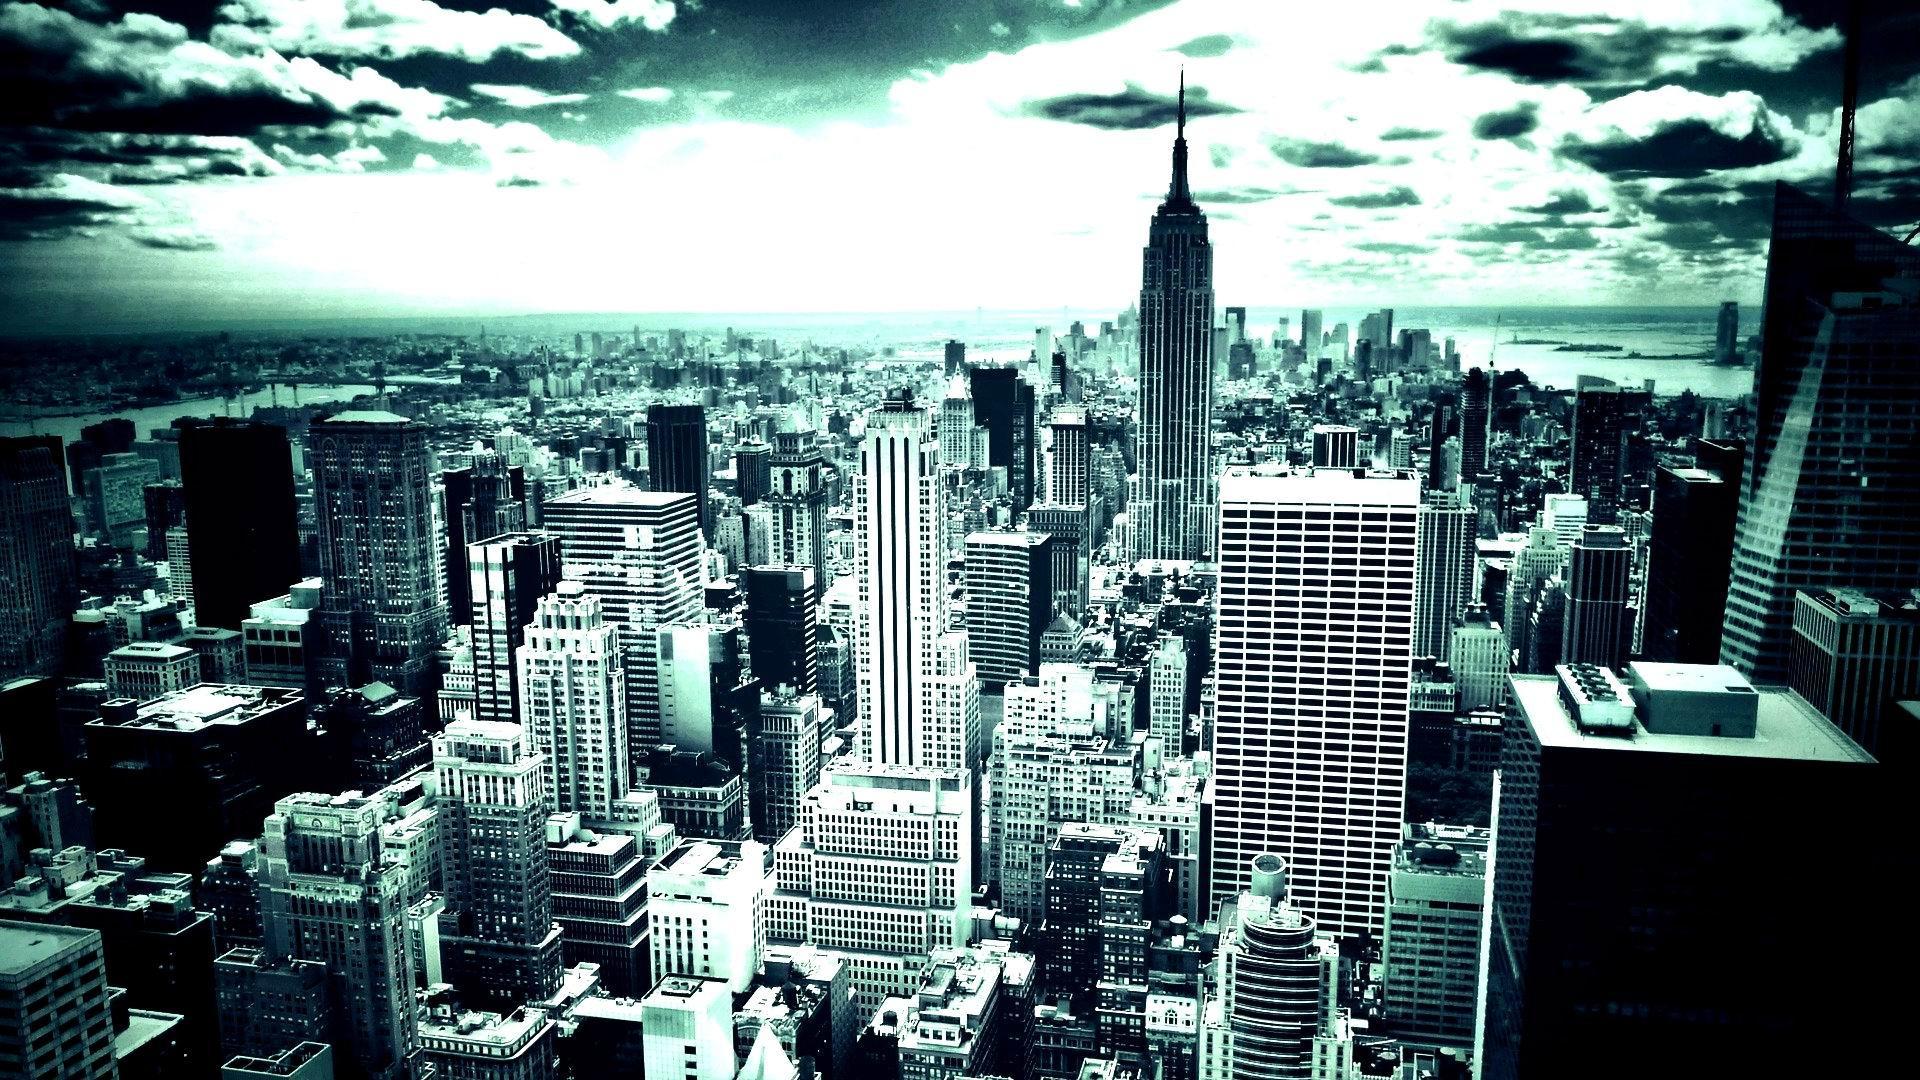 Cool City Wallpapers - WallpaperSafari